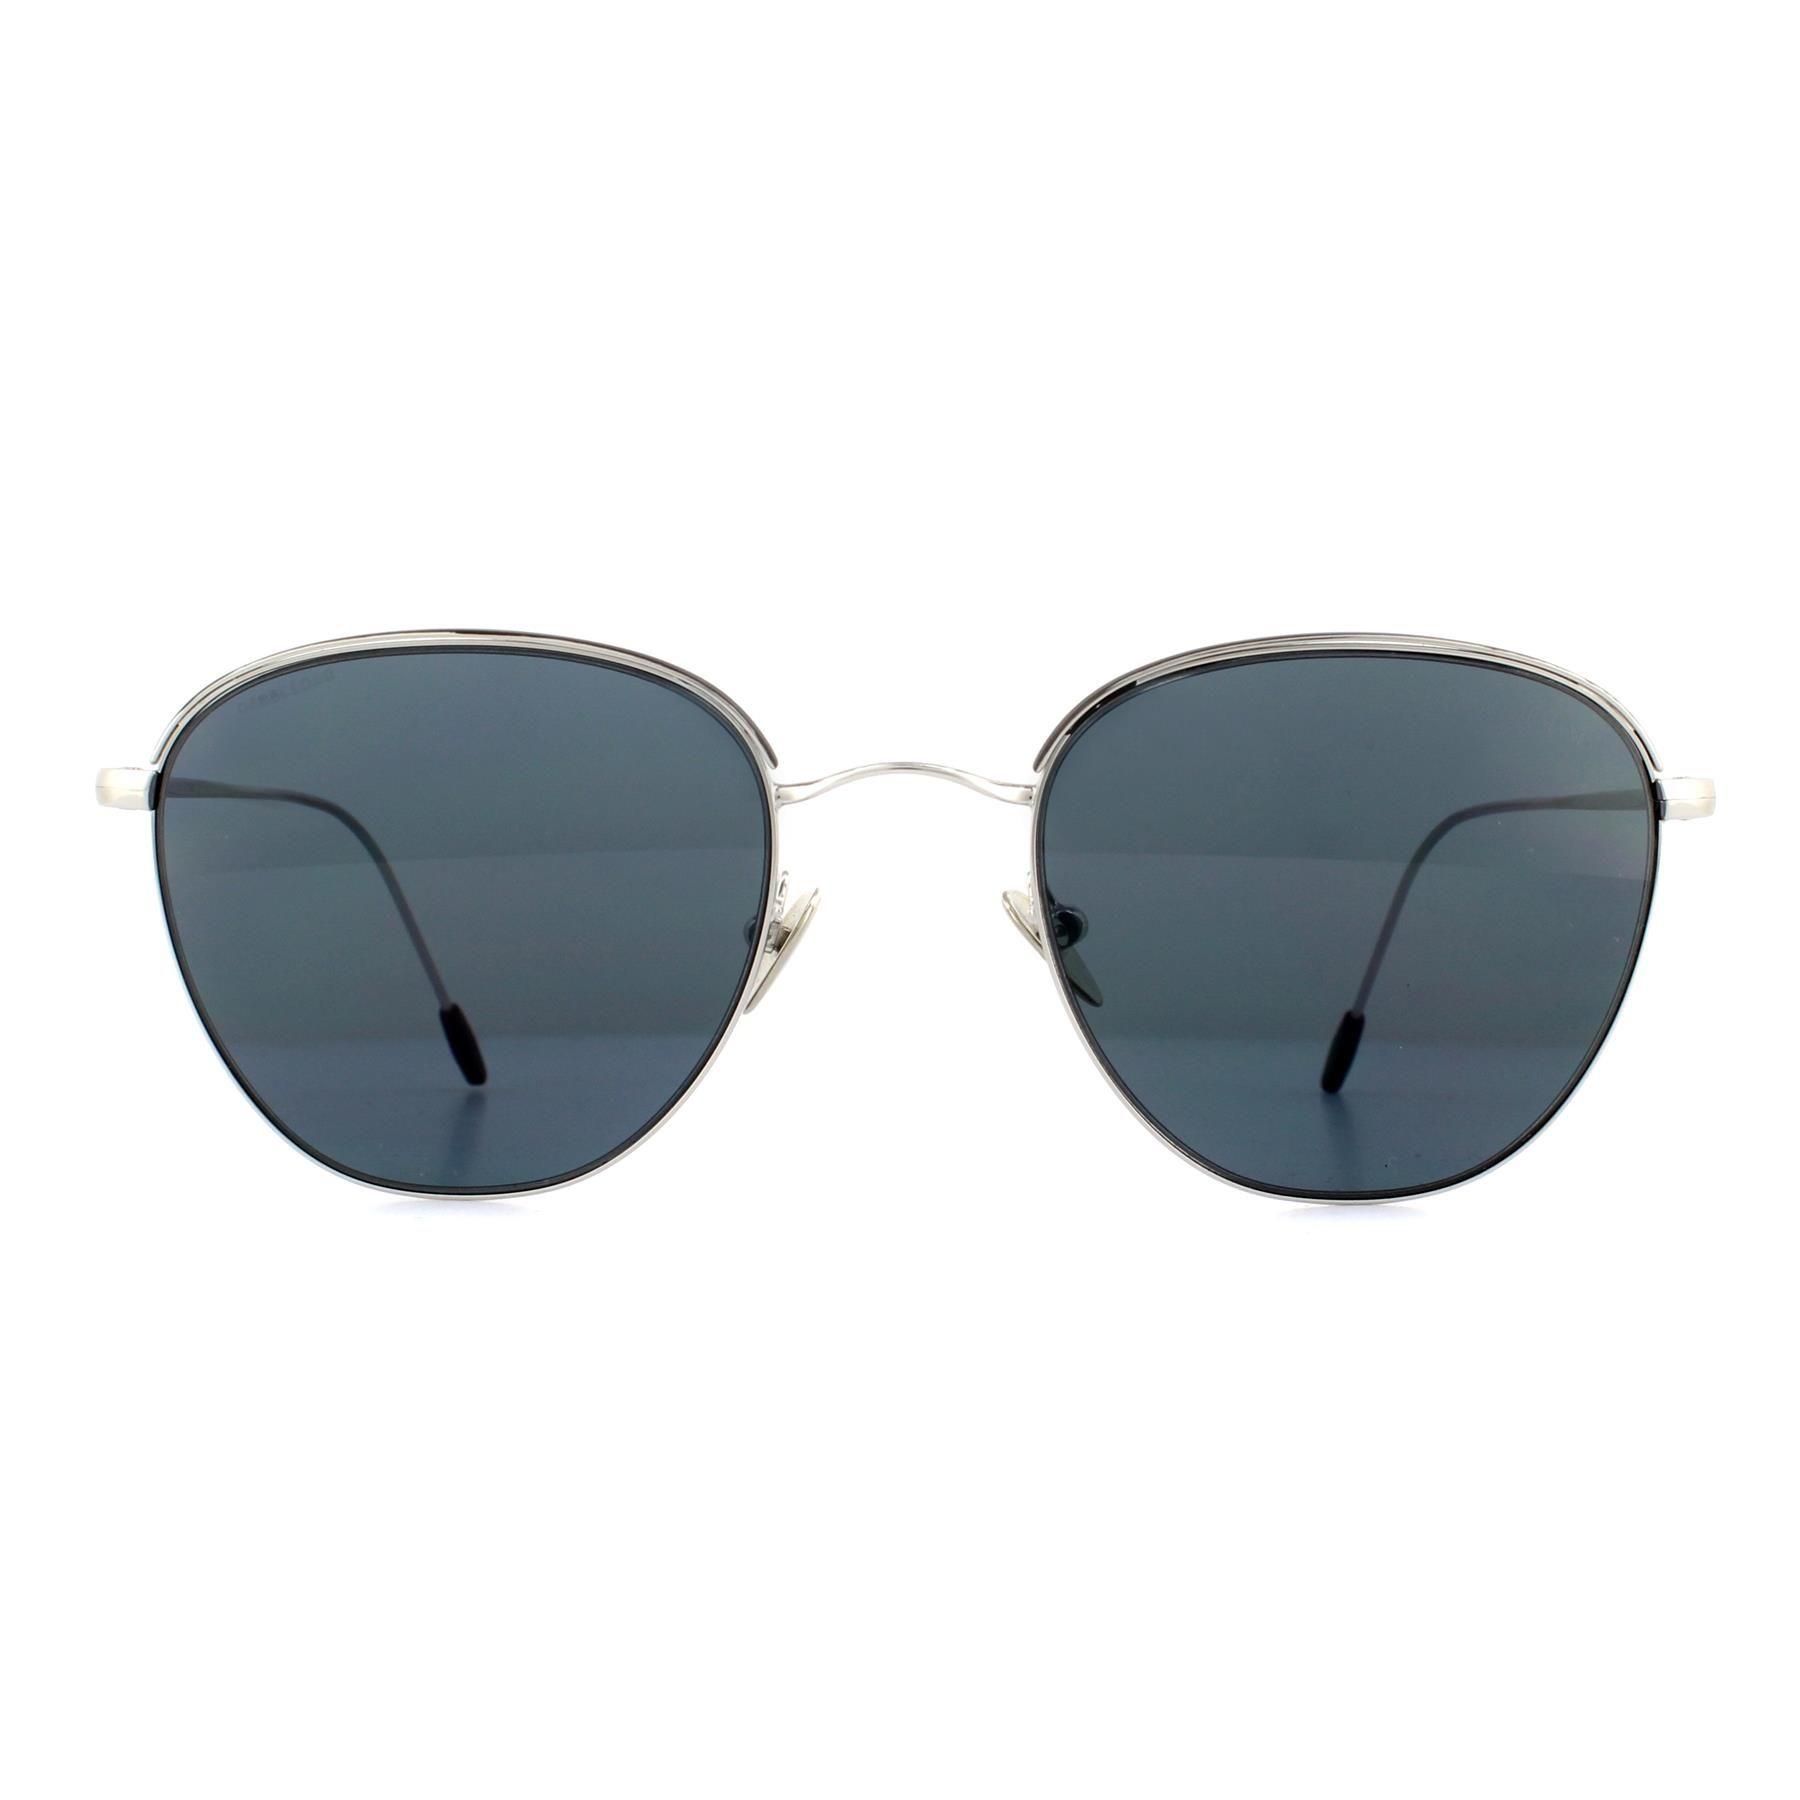 Giorgio Armani Sunglasses AR6048 301587 Silver and Matte Black Grey